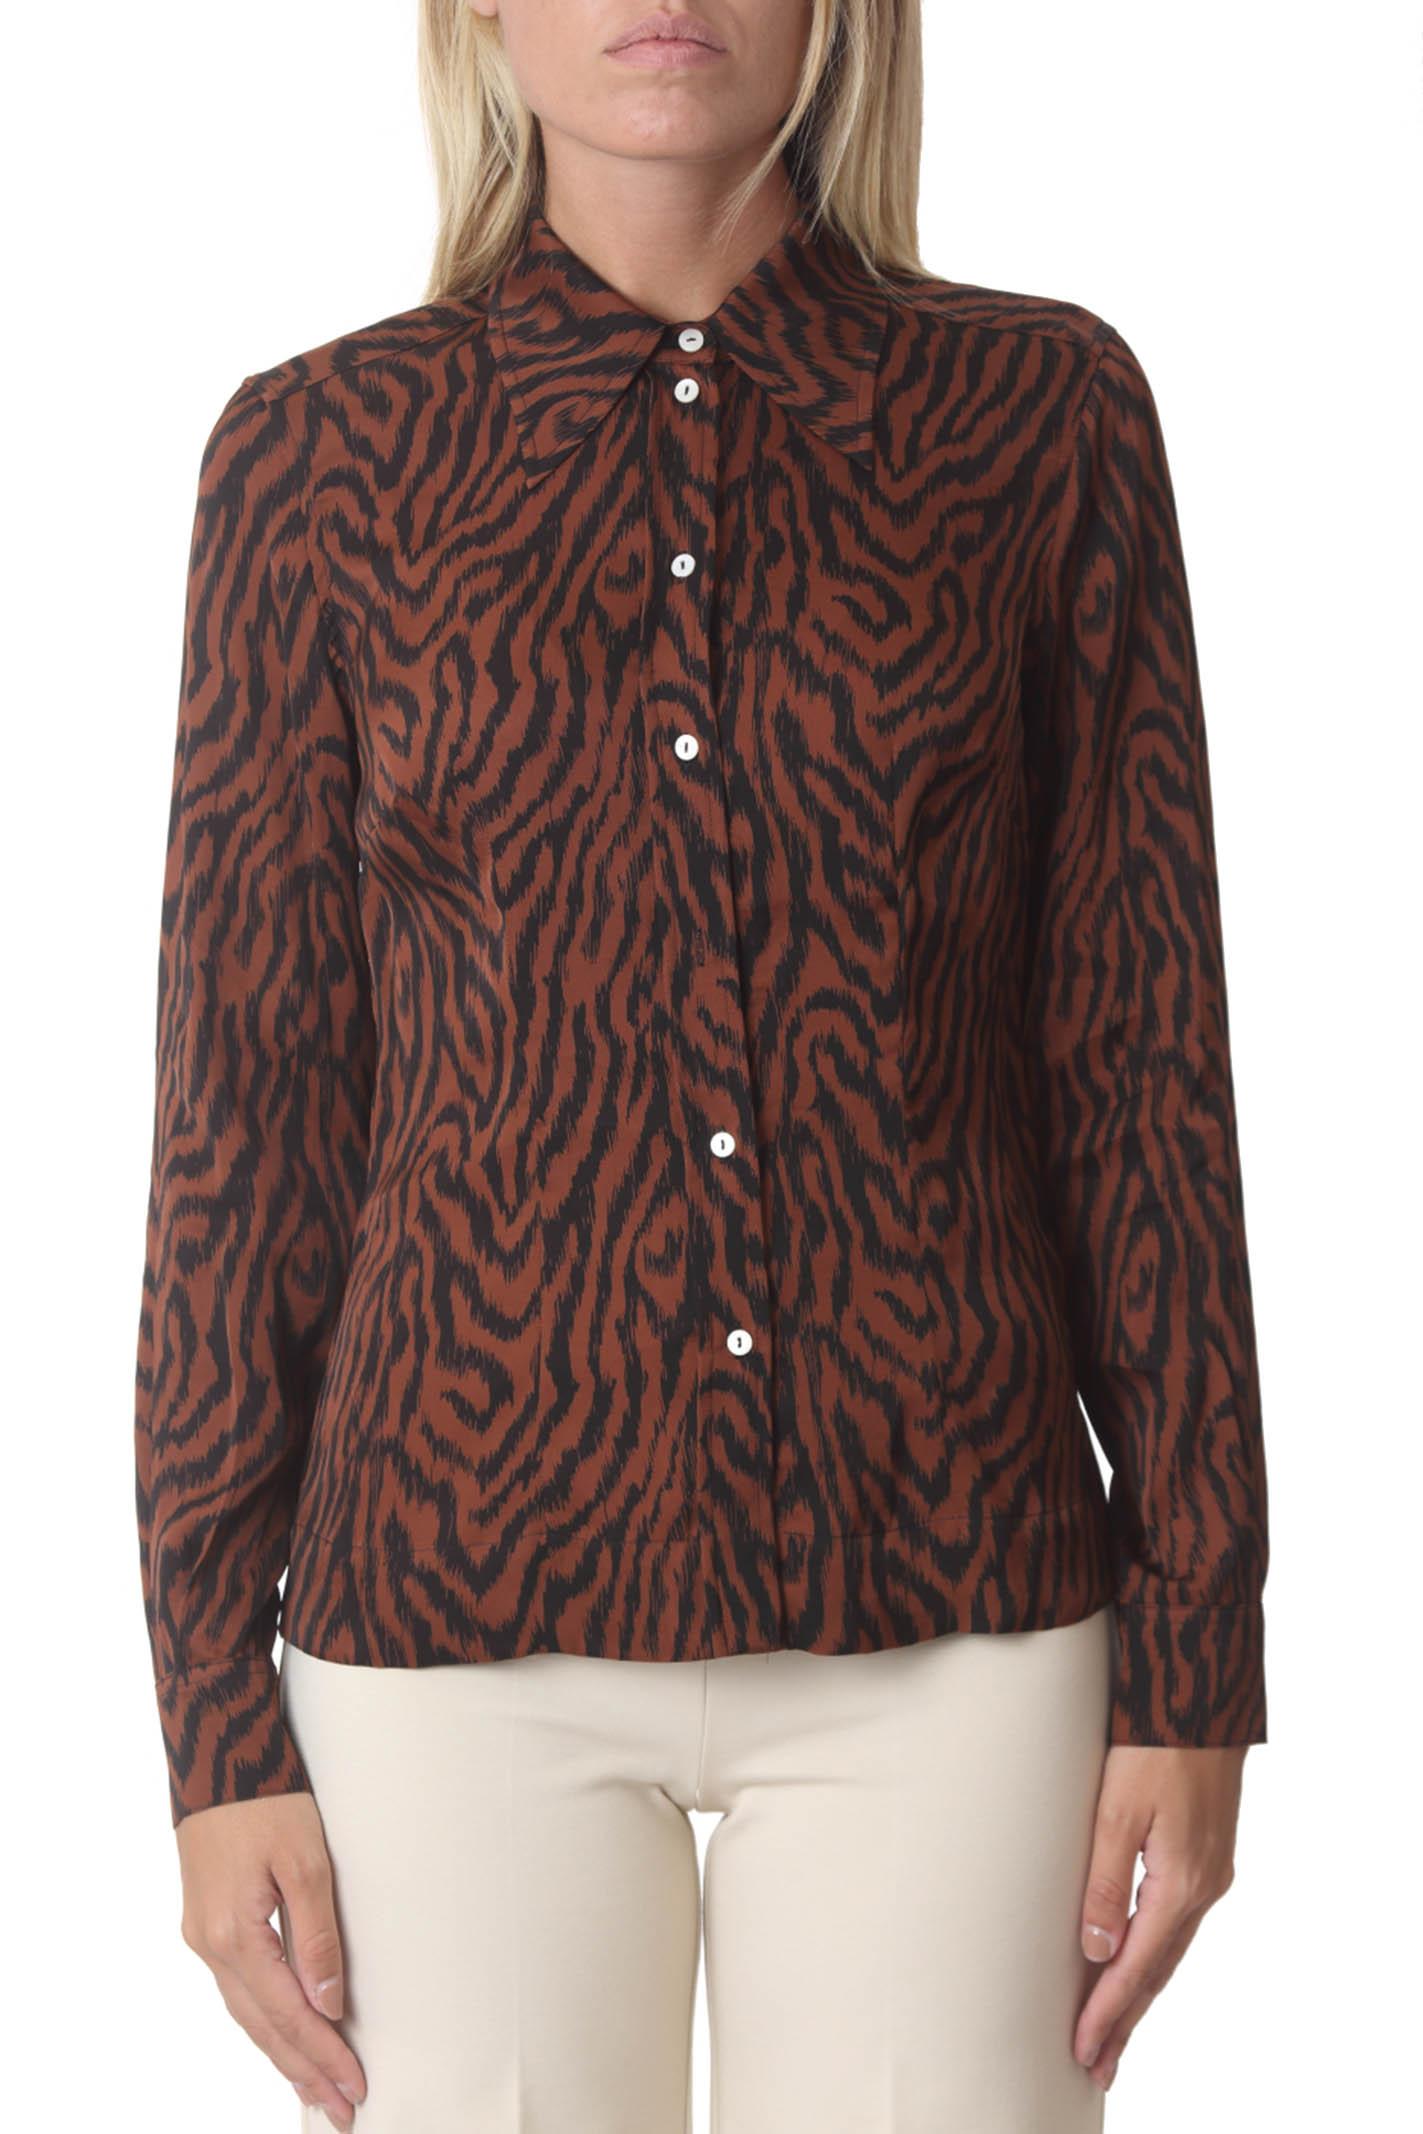 New ladyl shirt ATTIC AND BARN | Camicie | A21-ATSH015-AT246599